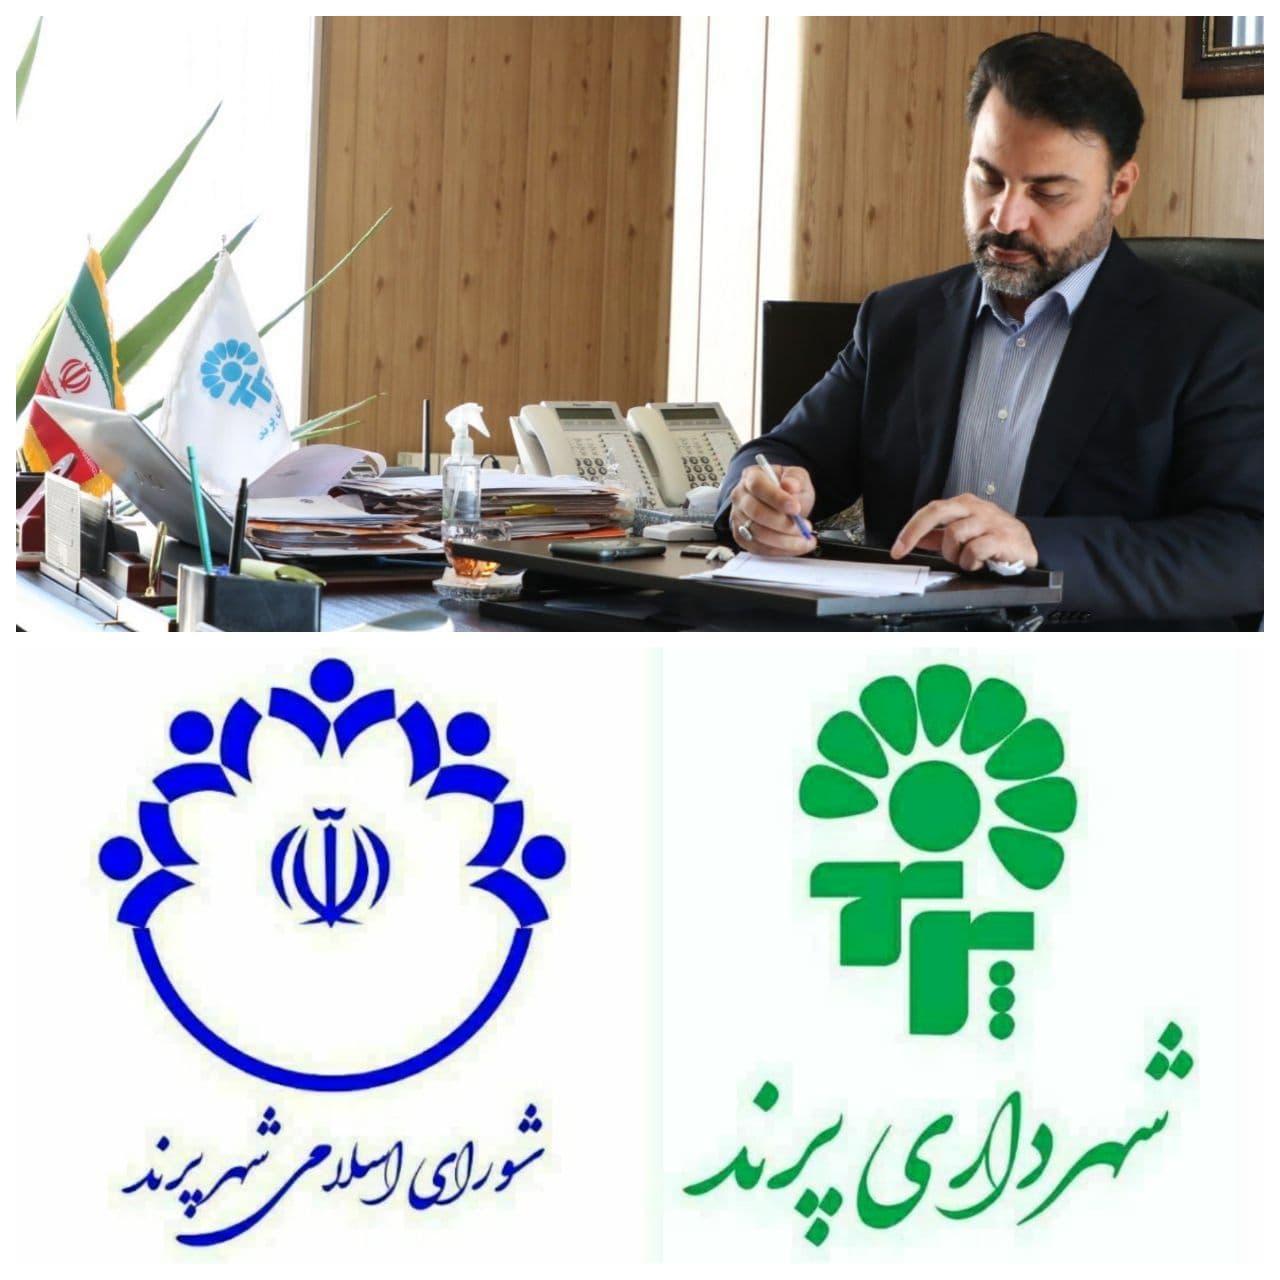 پیام تبریک شهردار پرند به مناسبت روز گرامیداشت شوراهای اسلامی شهر